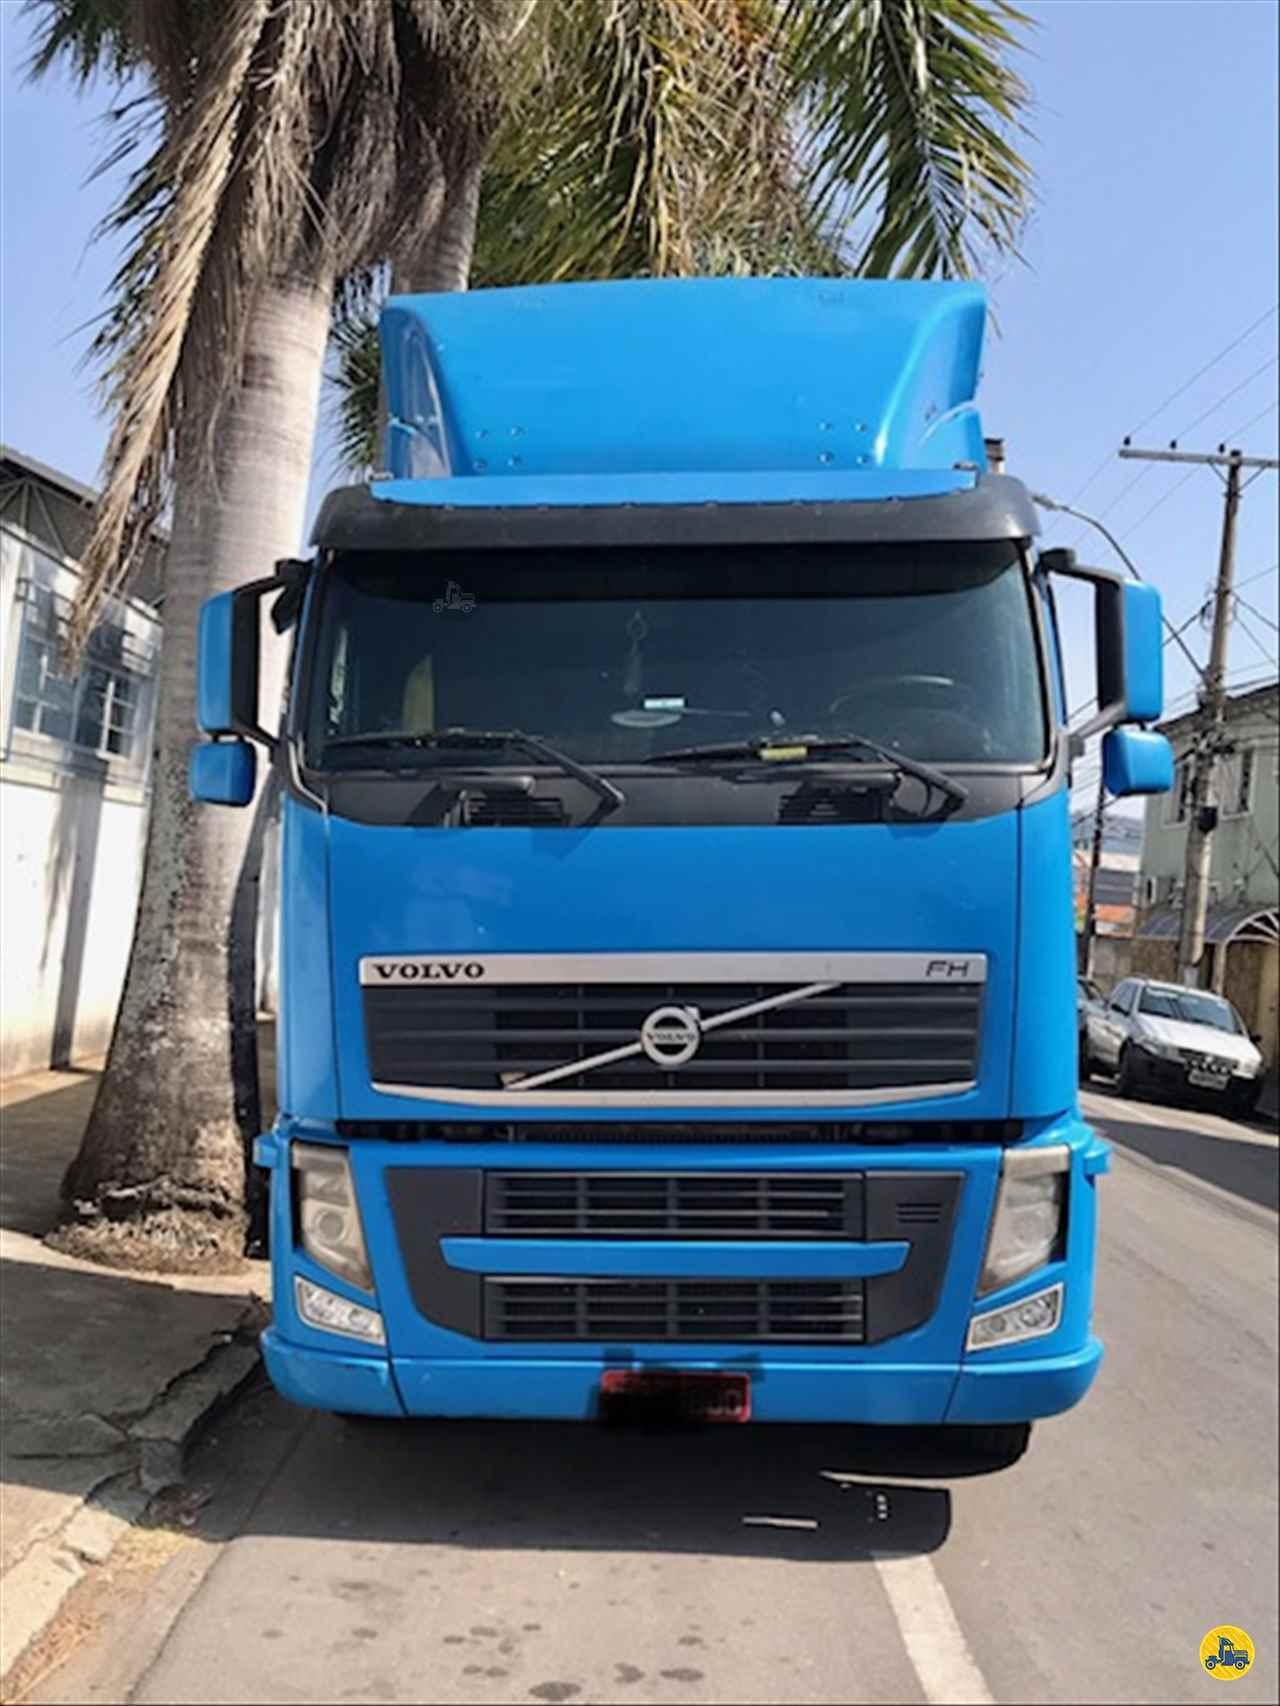 CAMINHAO VOLVO VOLVO FH 440 Cavalo Mecânico Truck 6x2 MGM Transportes POCOS DE CALDAS MINAS GERAIS MG